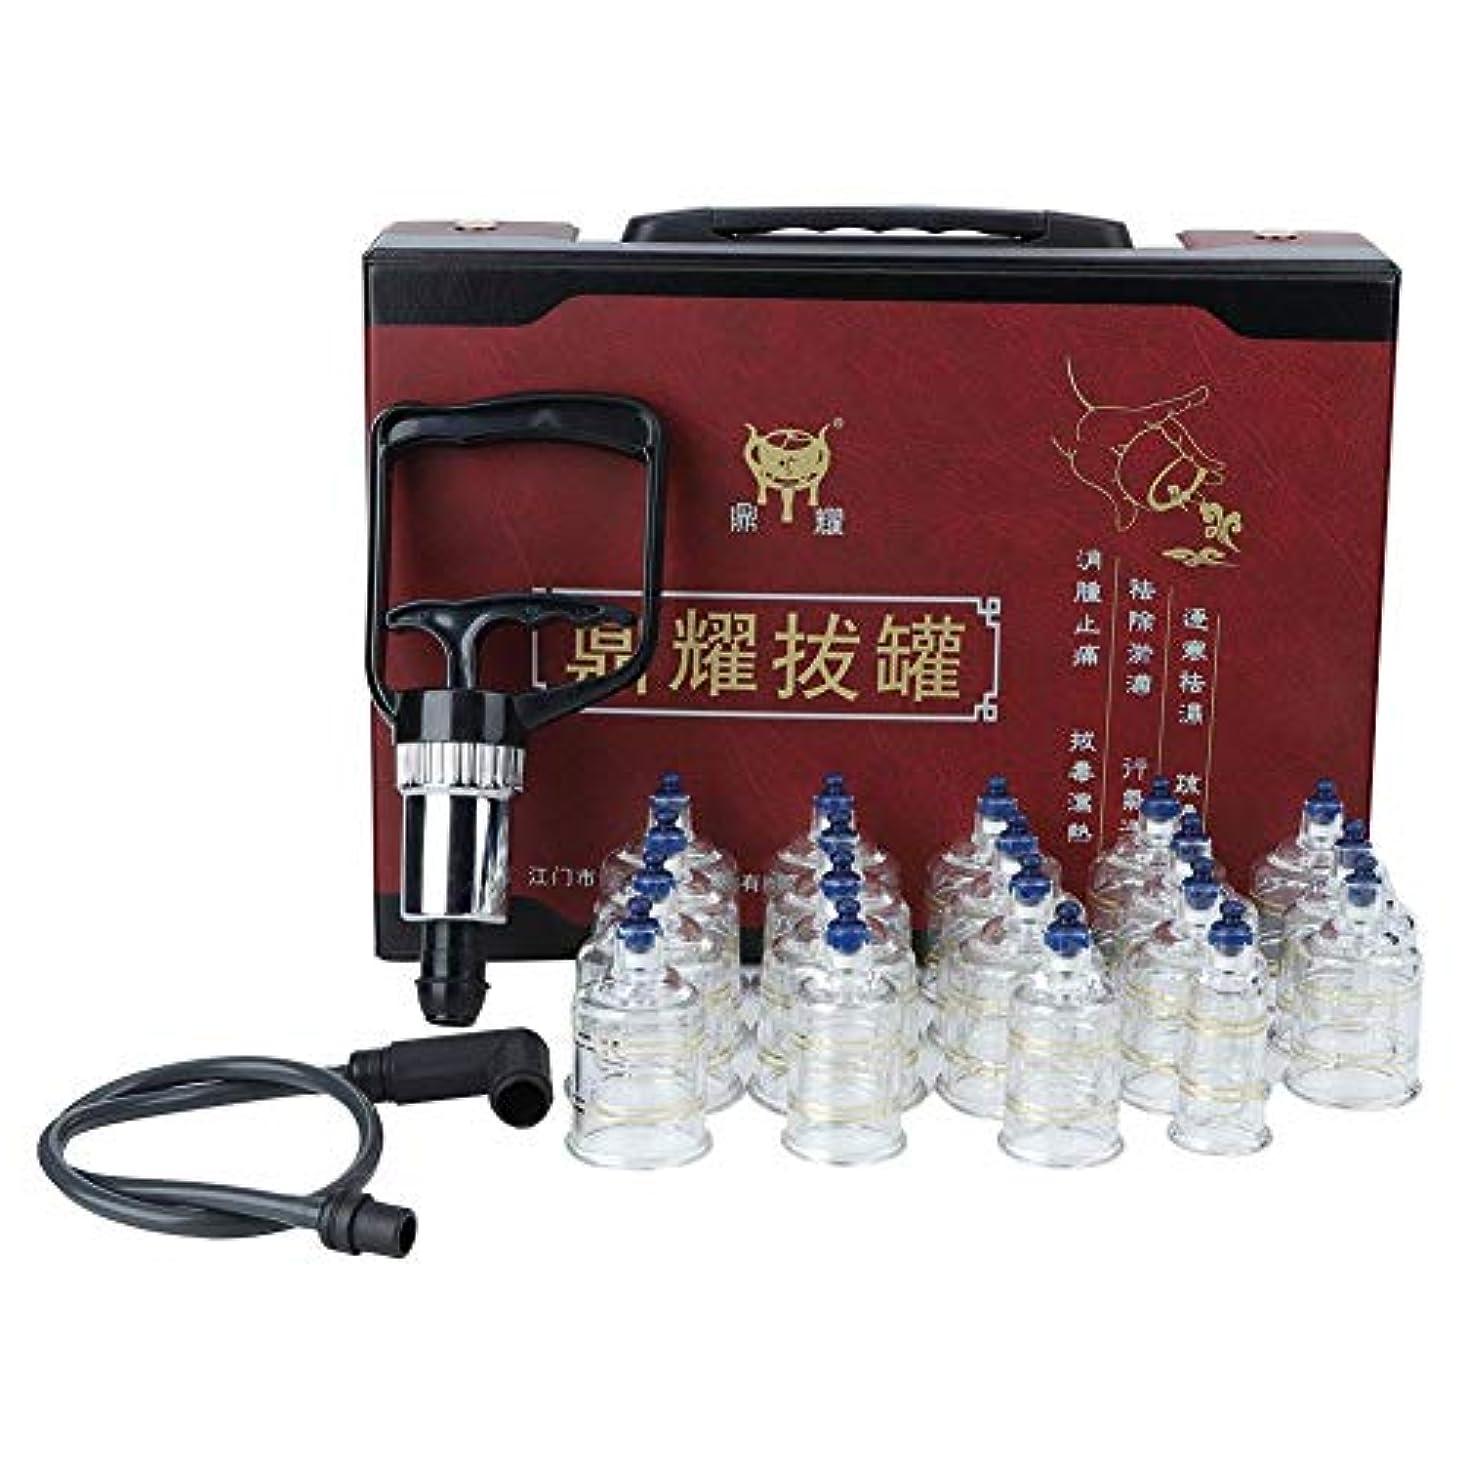 カッピングセット中国のツボカッピング療法セット、吸引カップジャー真空カッピングセットマッサージセラピーマッサージ用カッピングツール